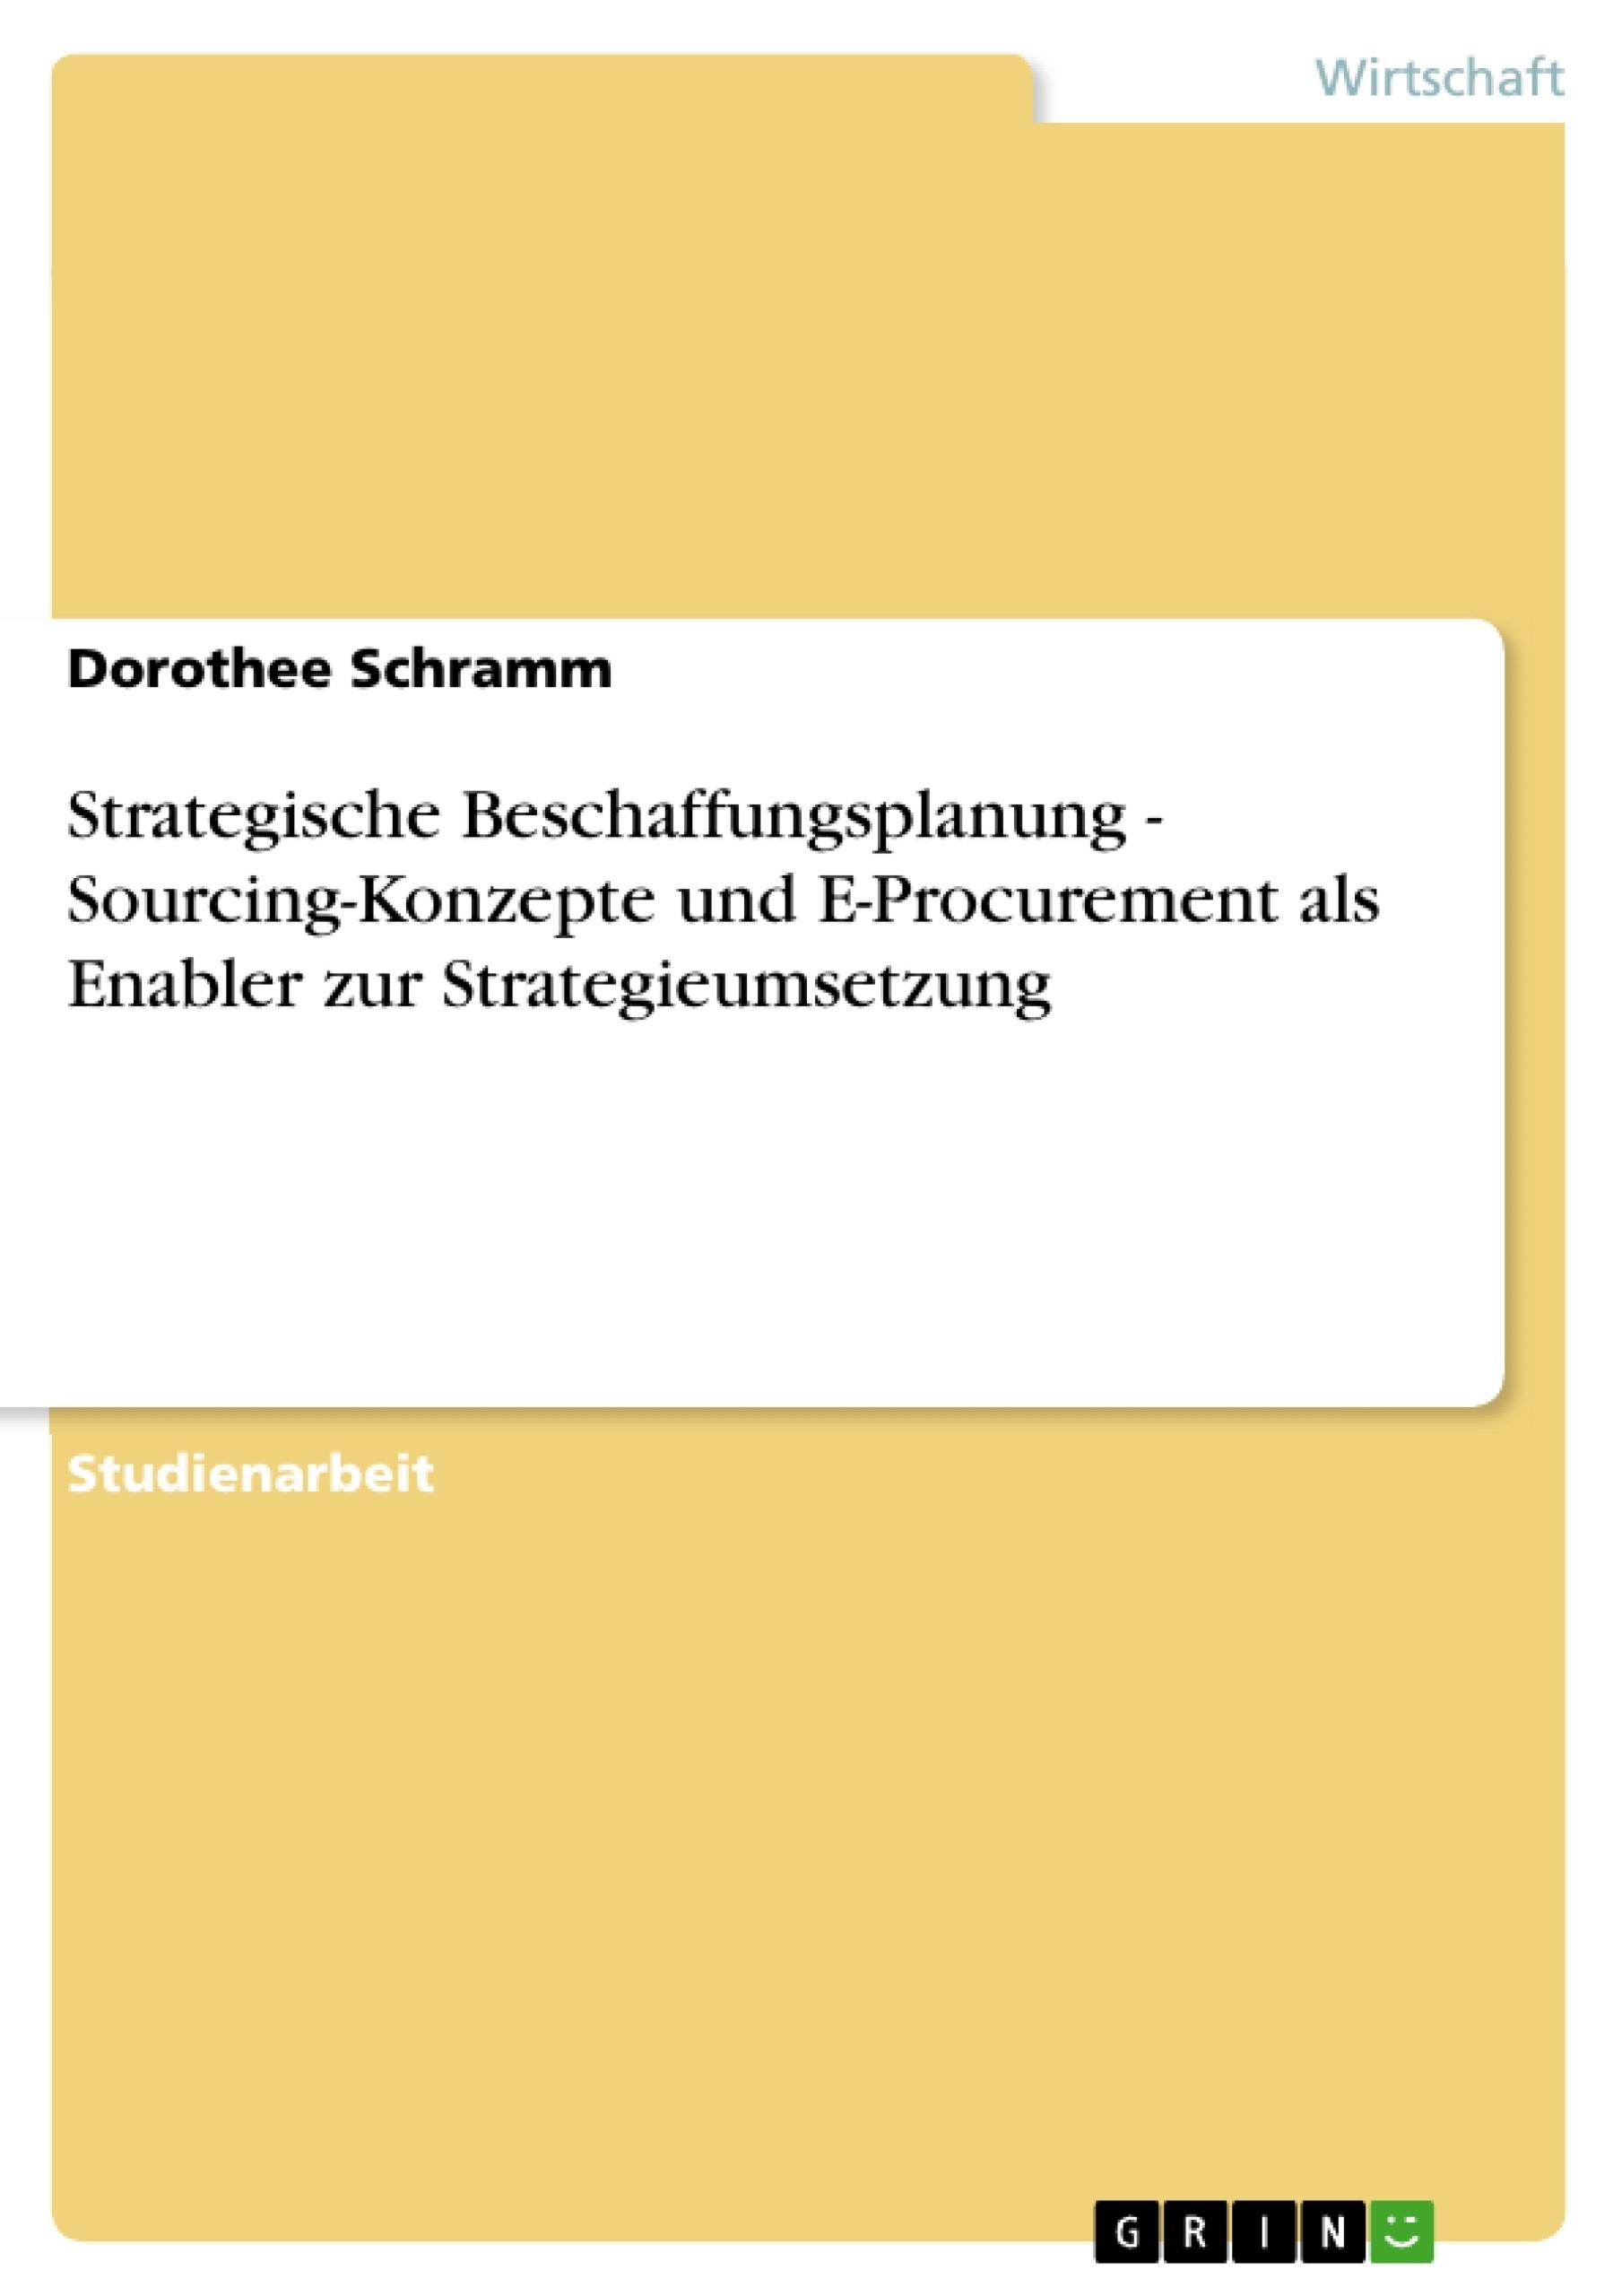 Titel: Strategische Beschaffungsplanung - Sourcing-Konzepte und E-Procurement als Enabler zur Strategieumsetzung